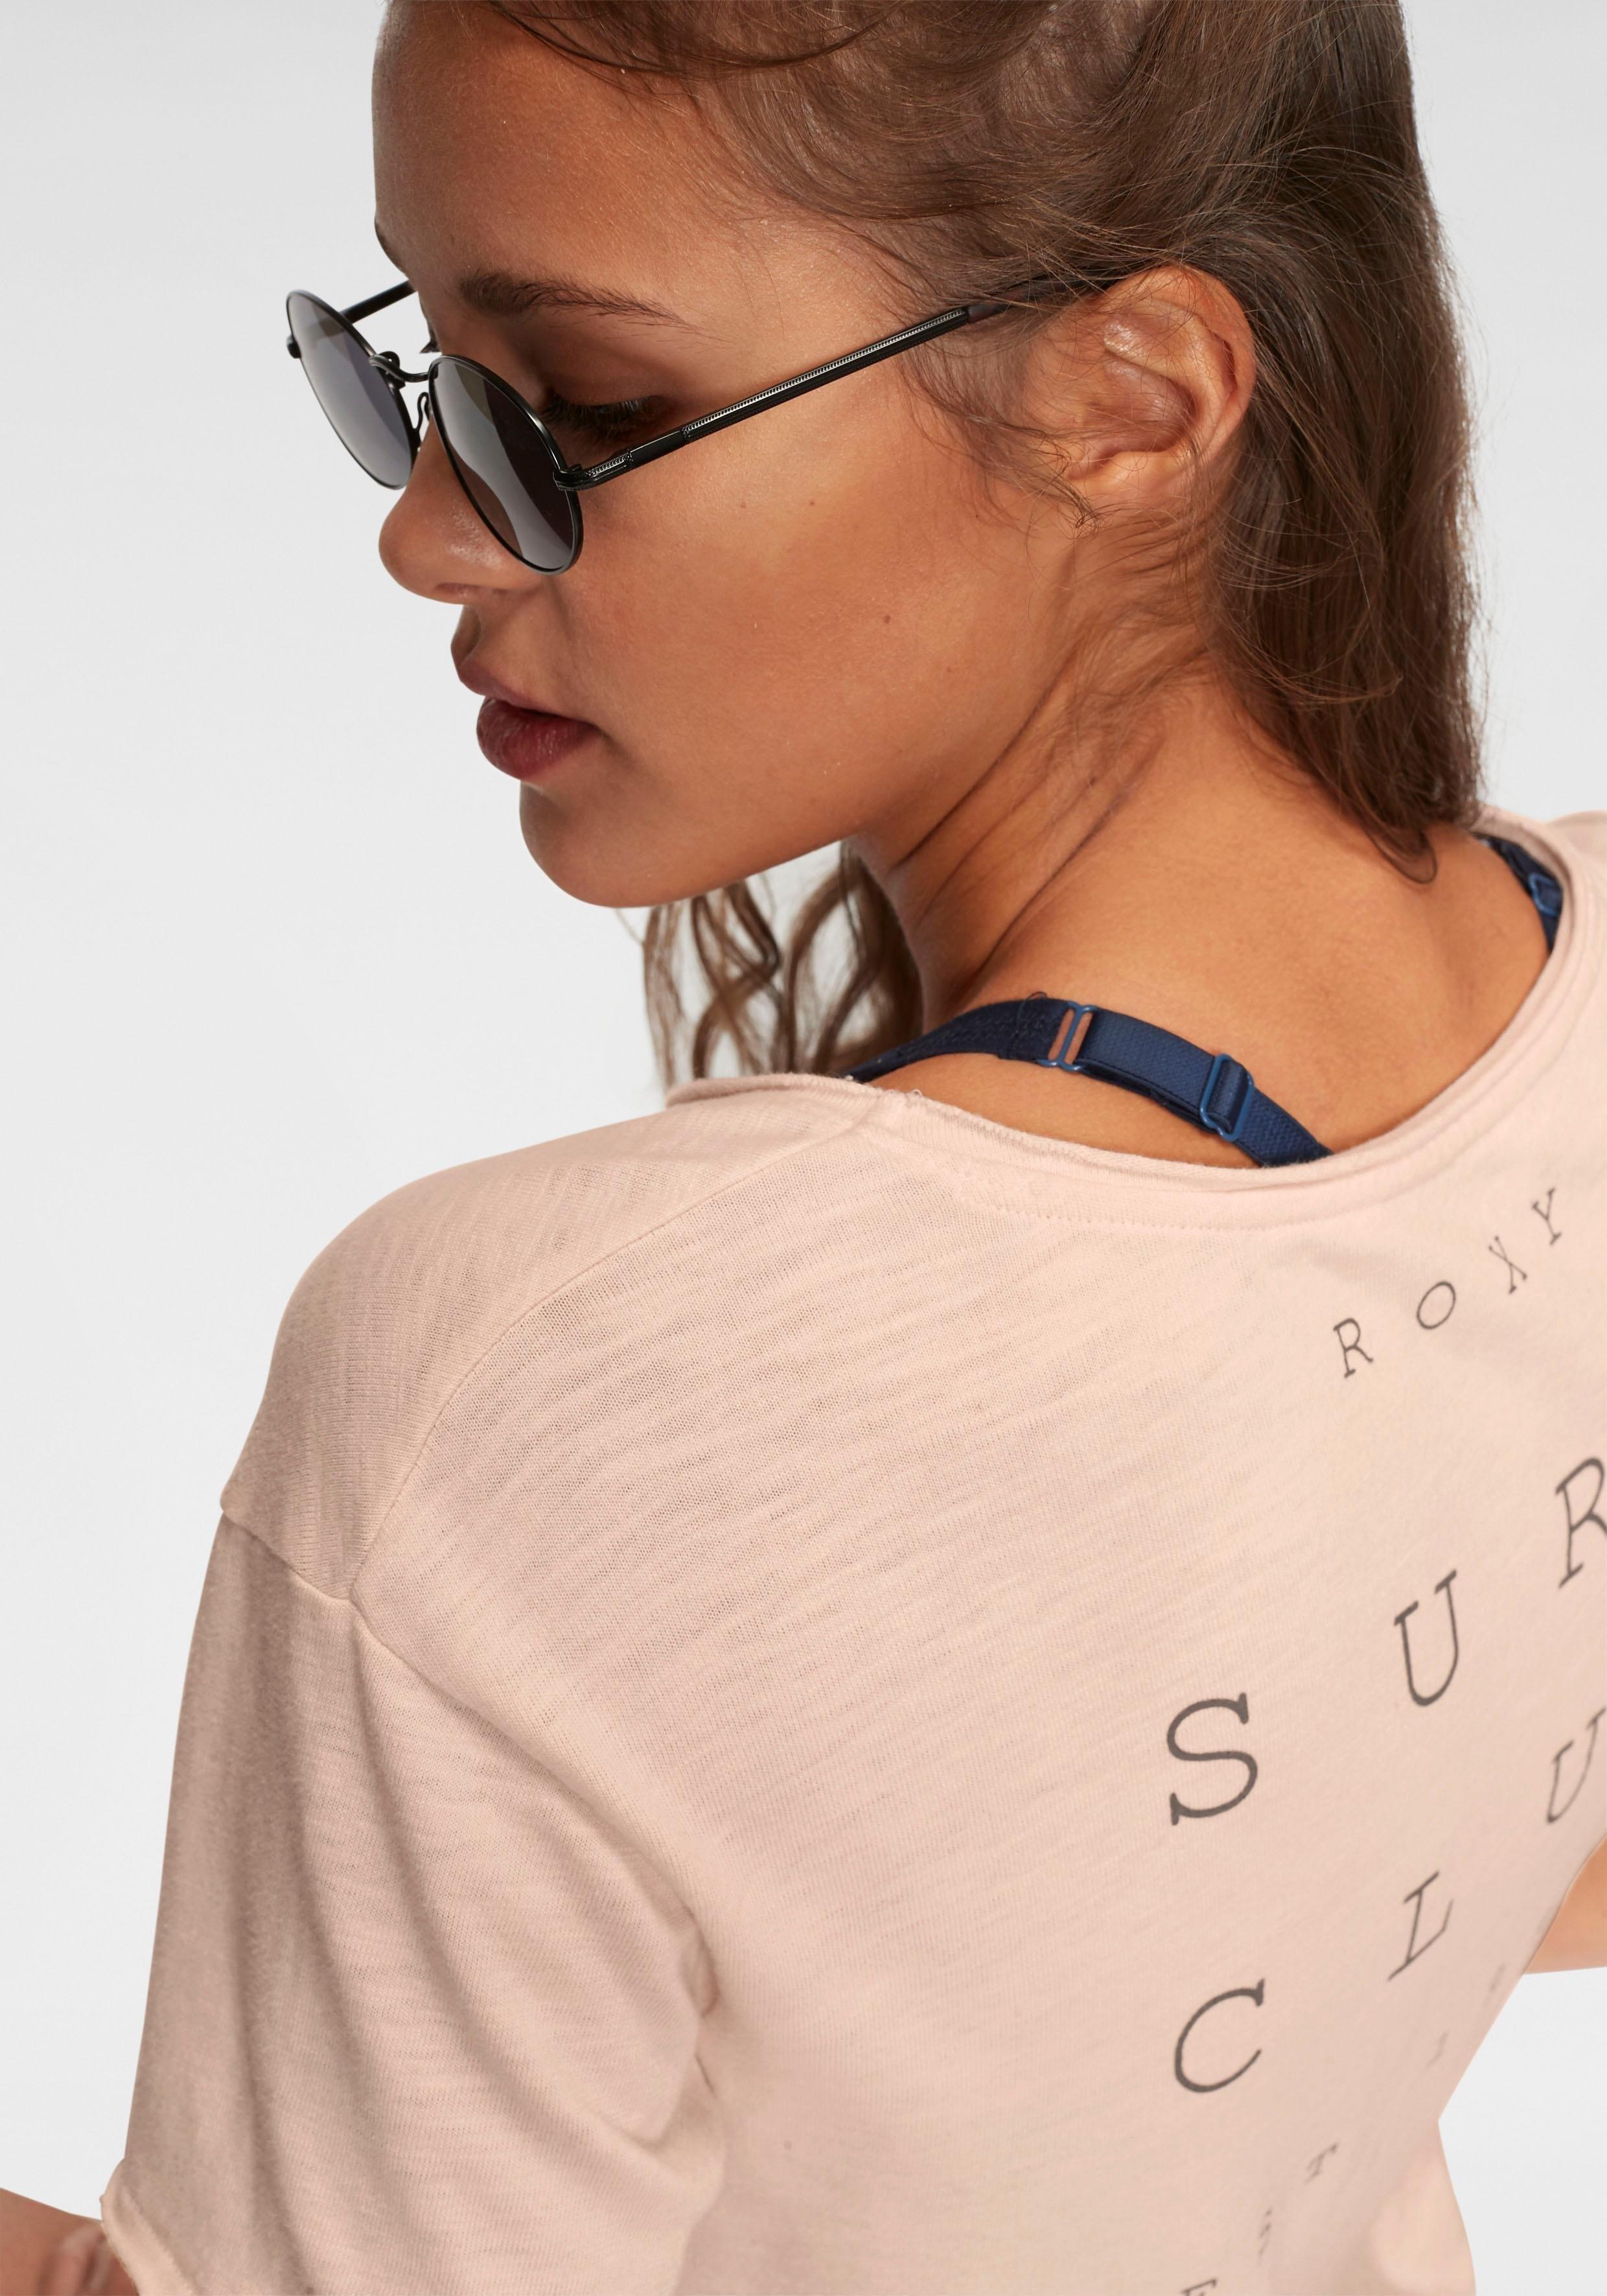 shirtstar B Roxy T Solar Online Shoppen Cloud Pink mN8wOvn0